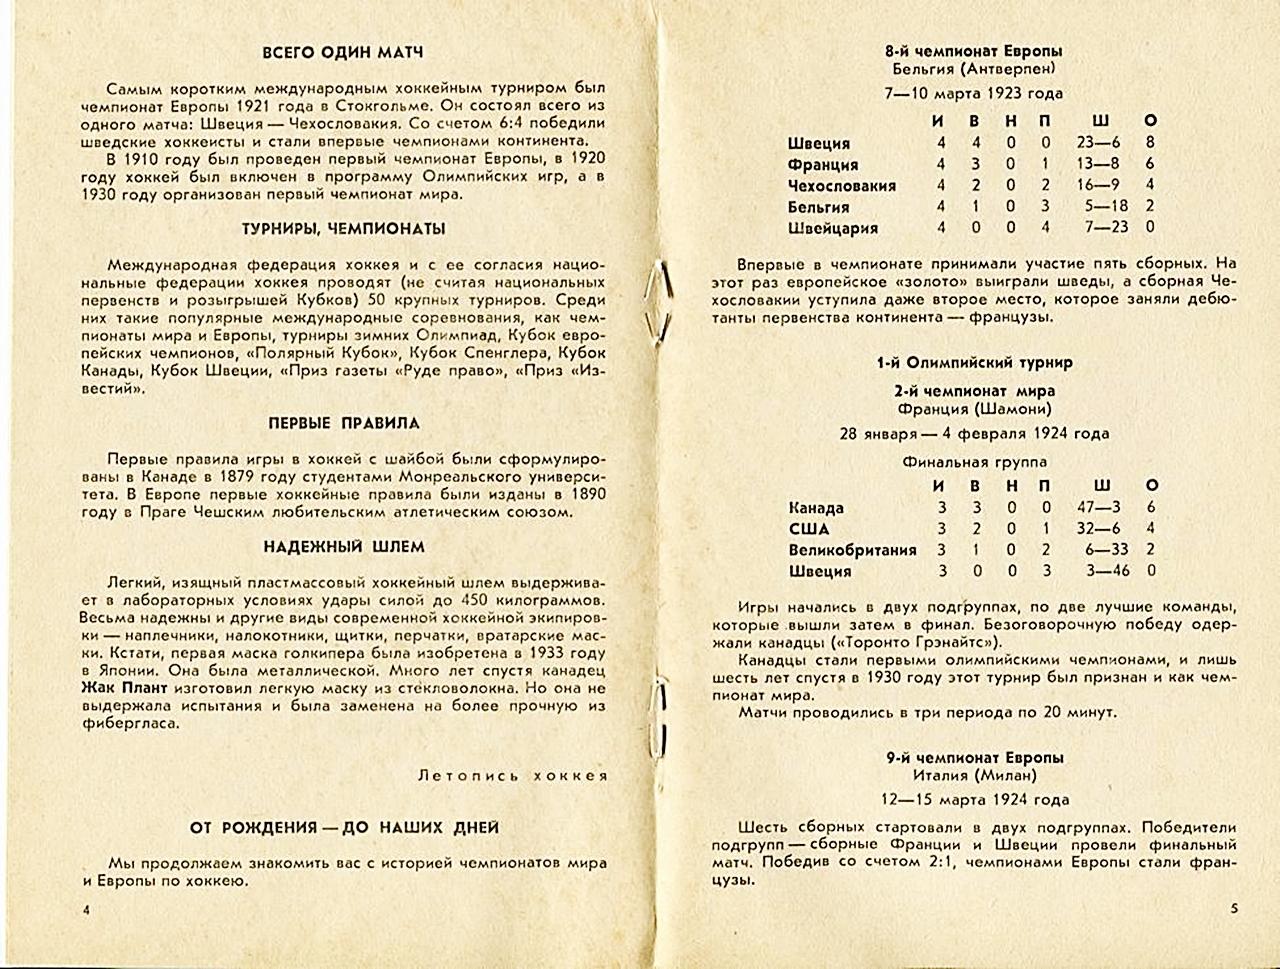 85-86-4.jpg